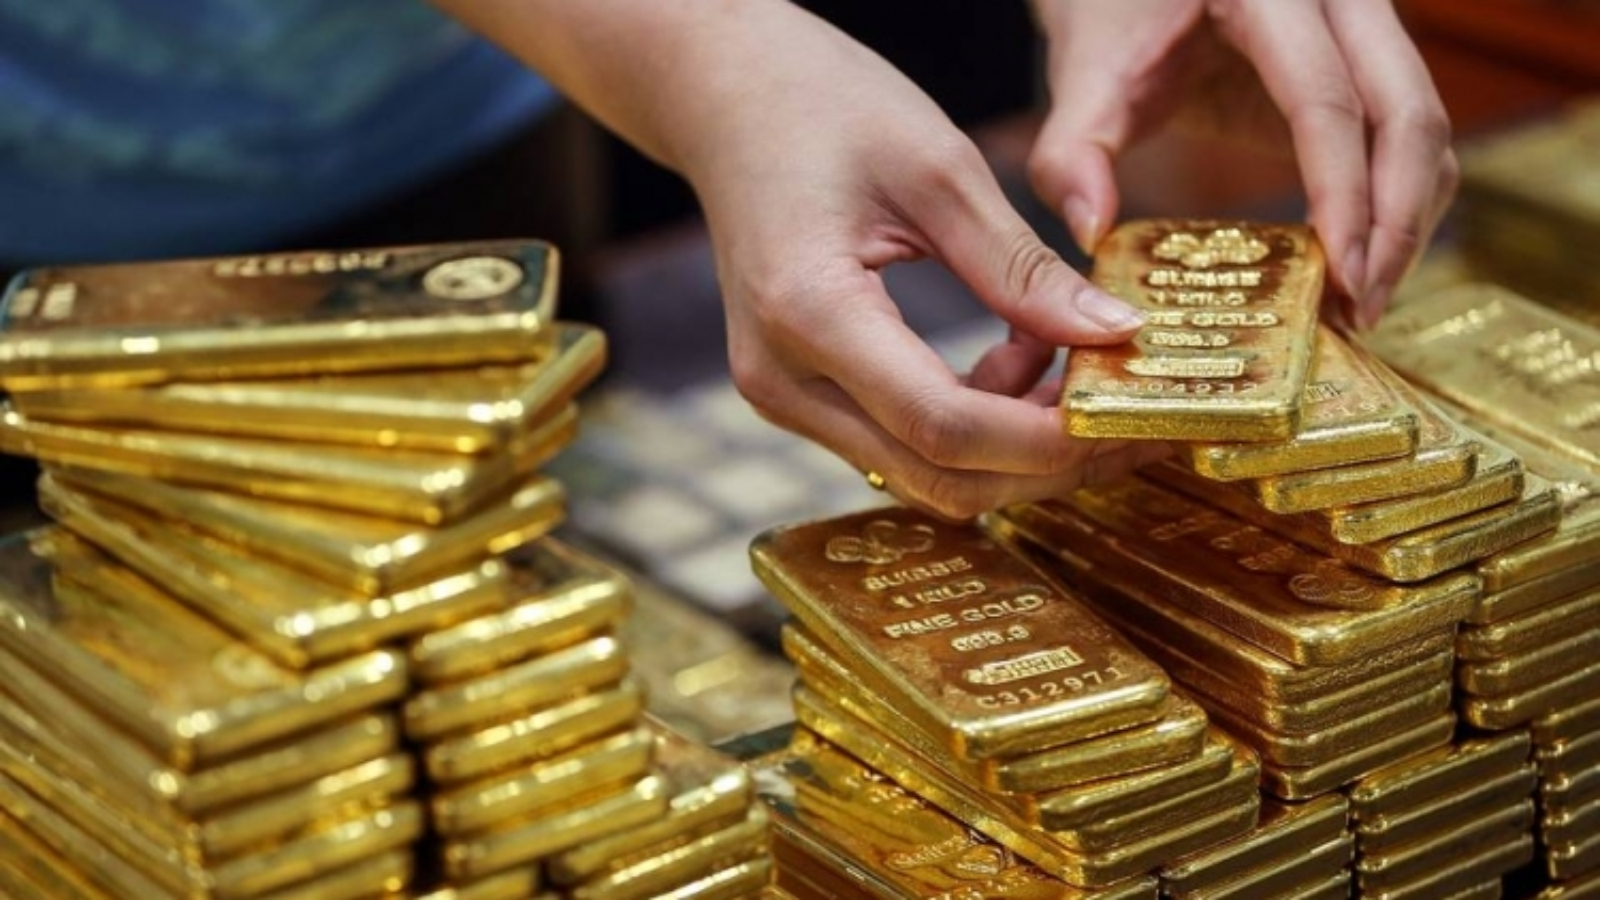 Giá vàng trong nước lao dốc, vàng thế giới nhích nhẹ